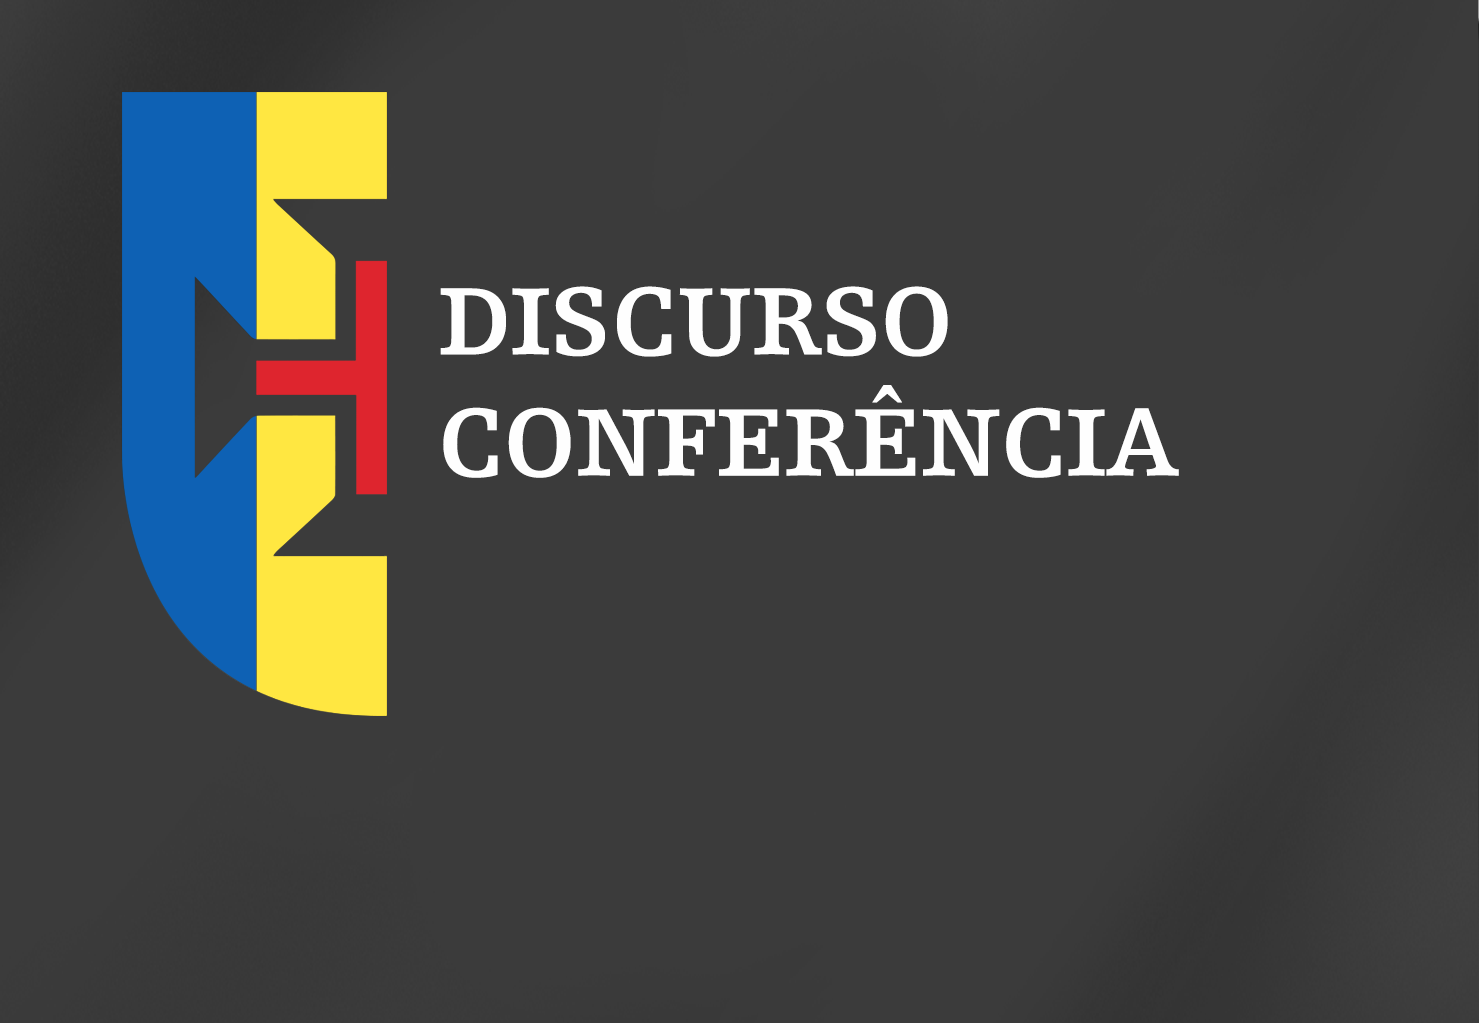 Discurso de Abertura do Presidente da Conferência RUP - 23 setembro